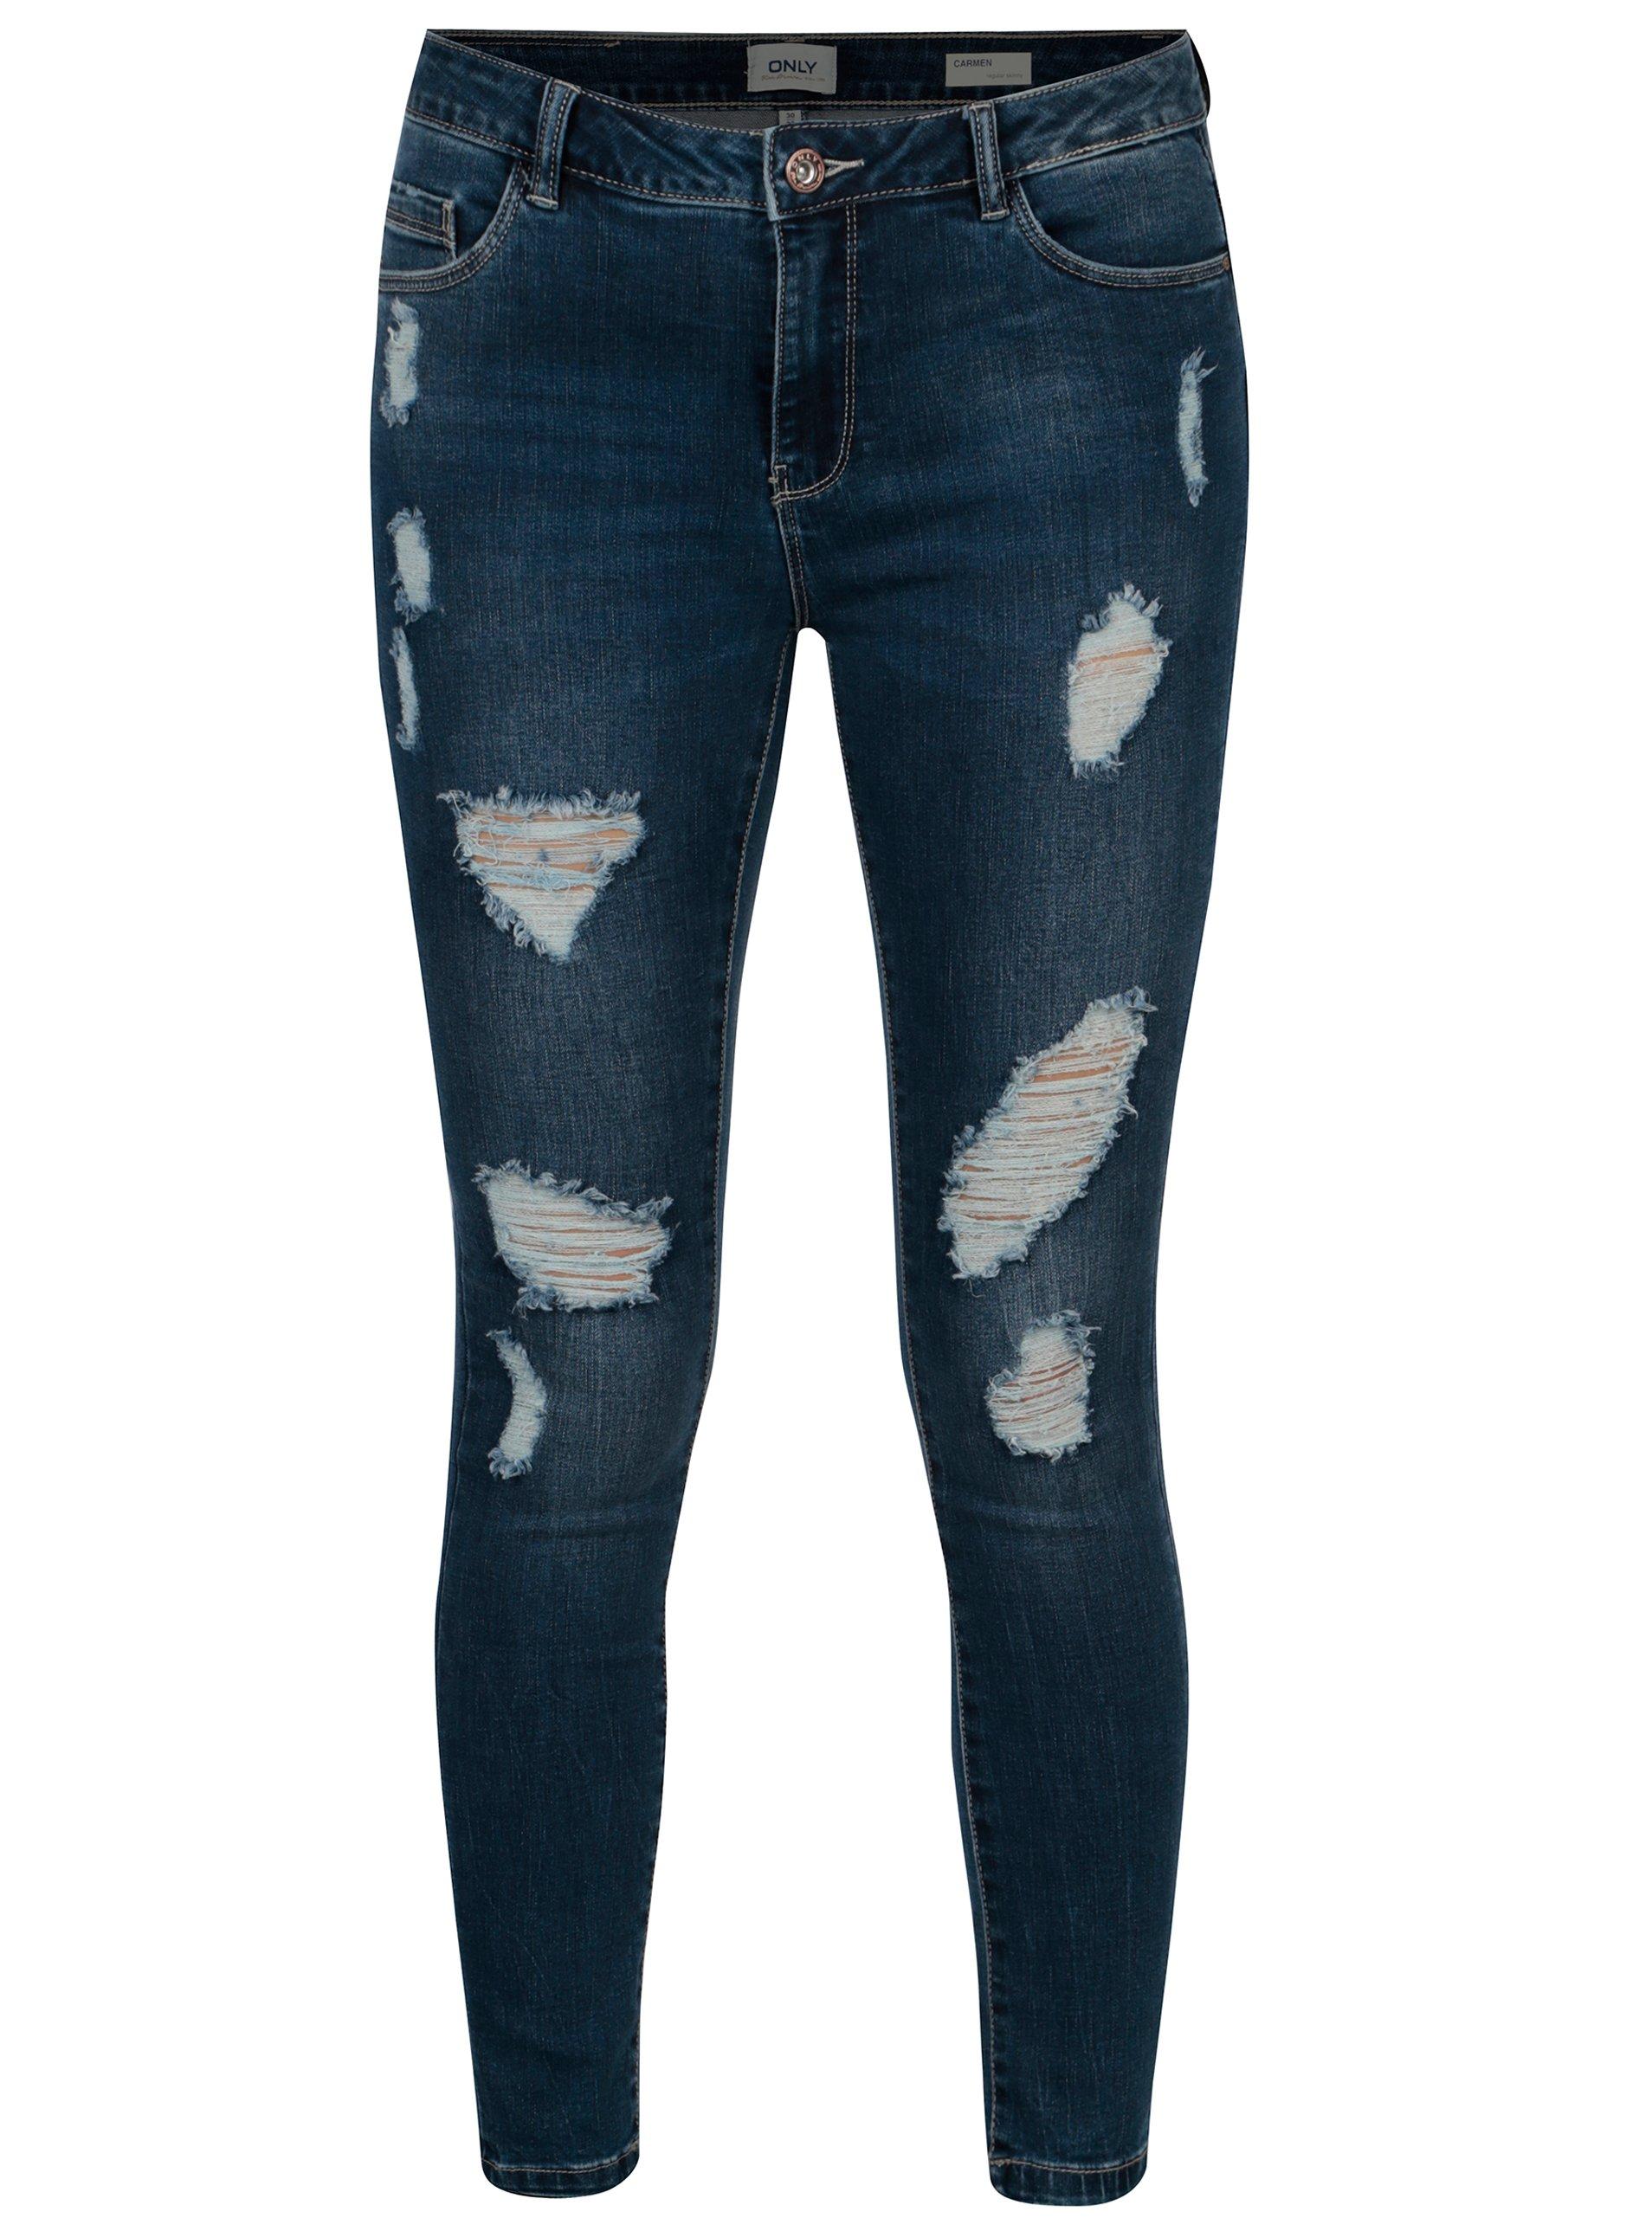 Modré džíny s potrhaným efektem ONLY Carmen